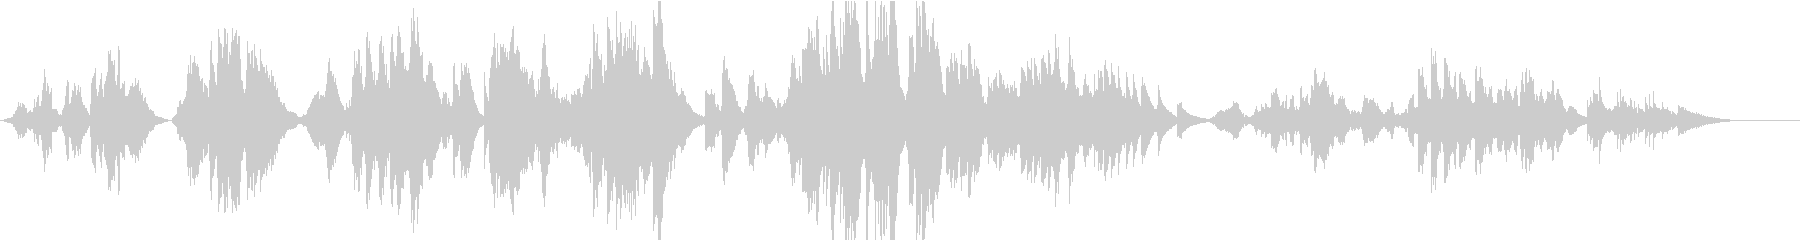 【生演奏】亜麻色の髪の乙女(ハープ伴奏)の未再生の波形